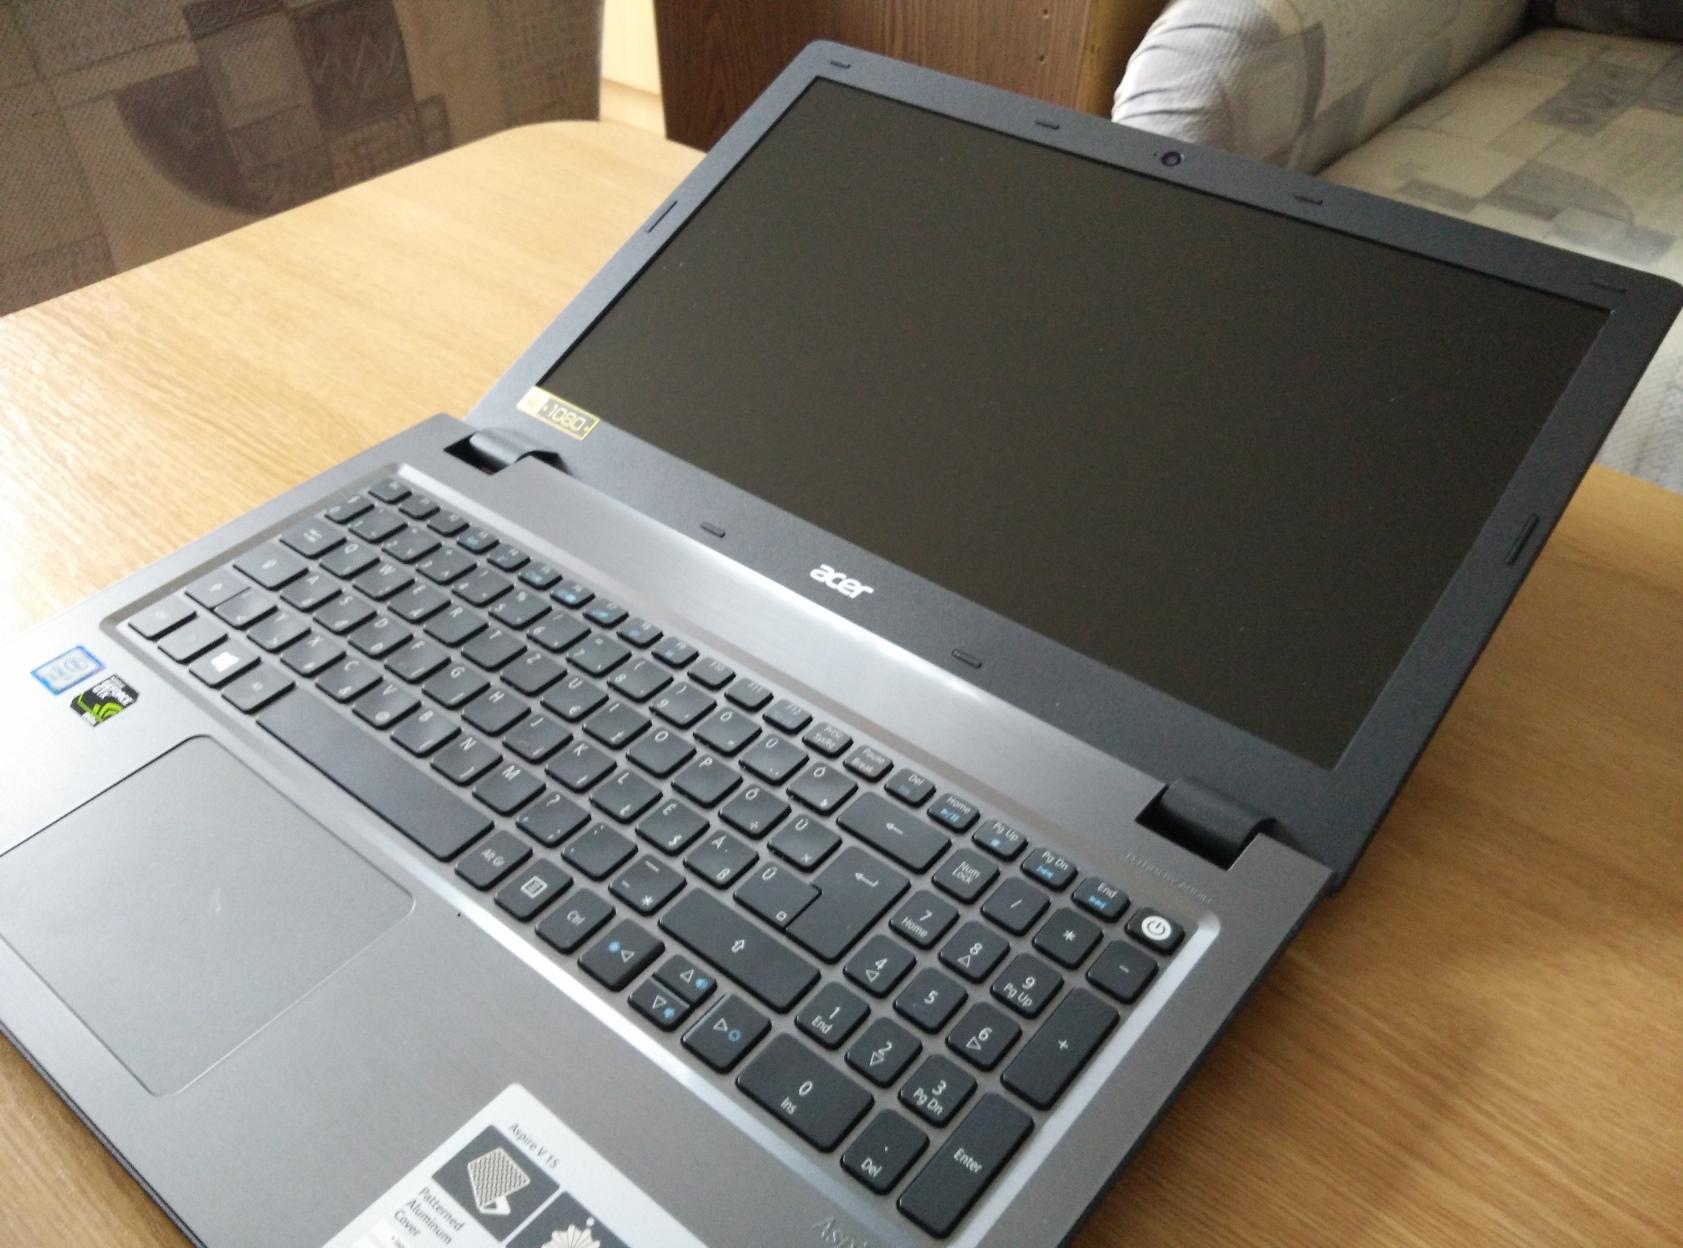 Acer Aspire V5-591G teszt